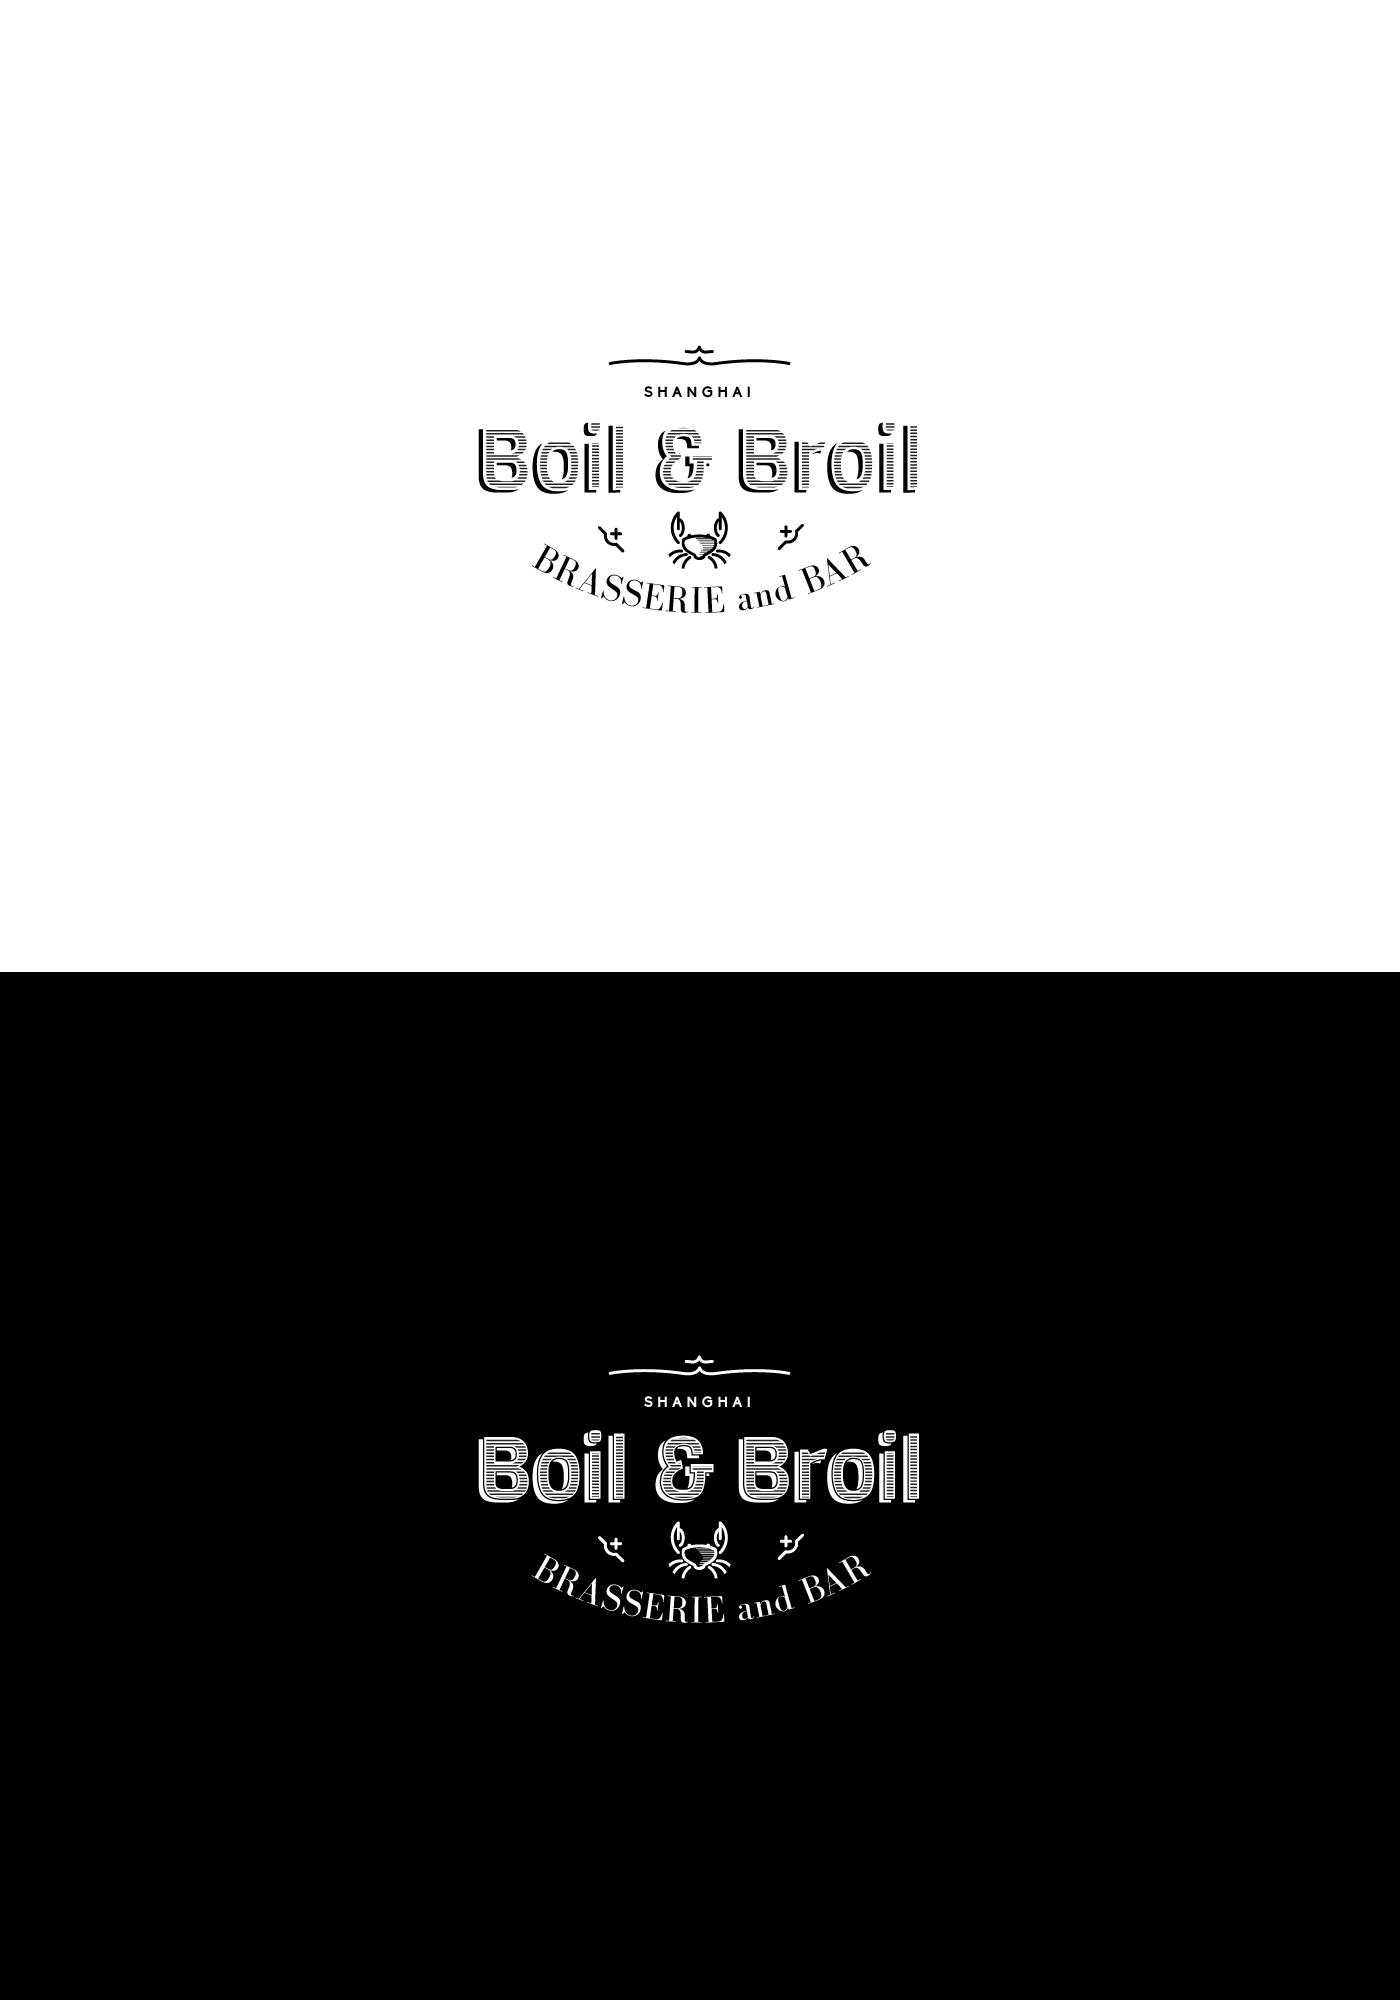 branding logo boil broil black white chaubet